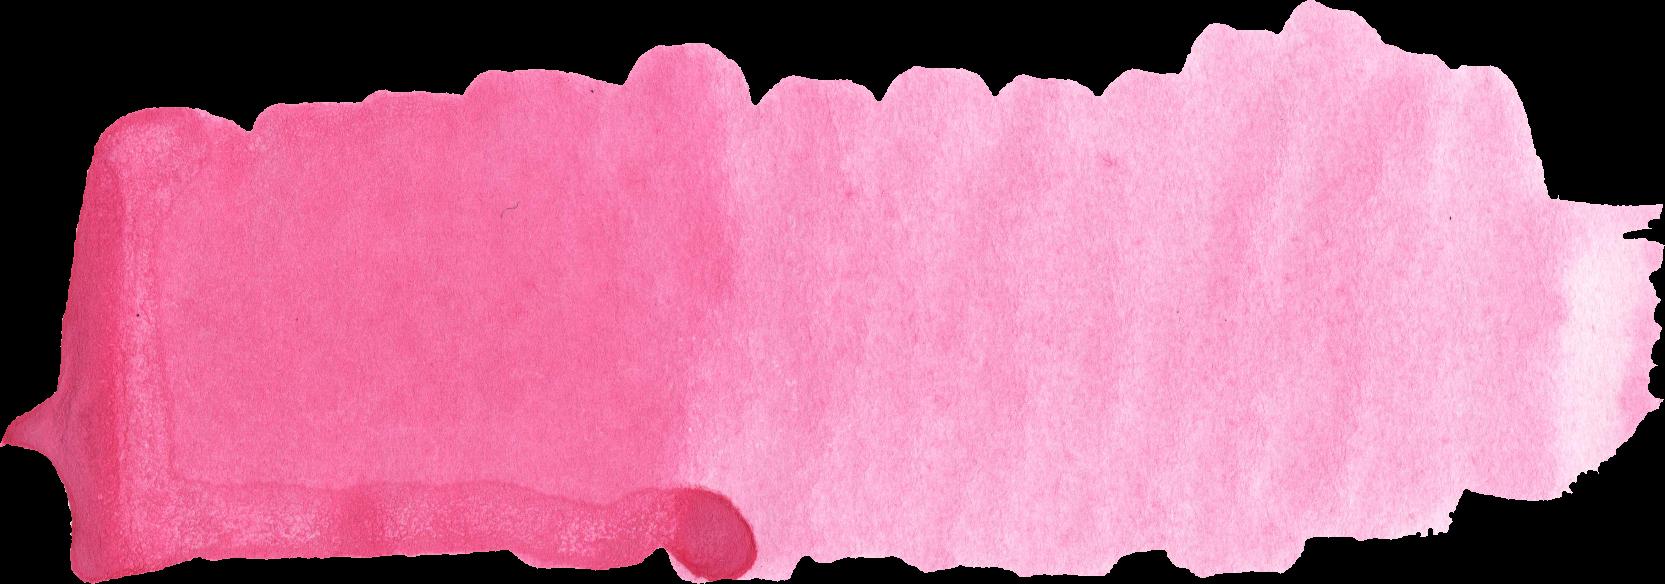 39 Pink Watercolor Brush Stroke (PNG Transparent) Vol. 2 ...